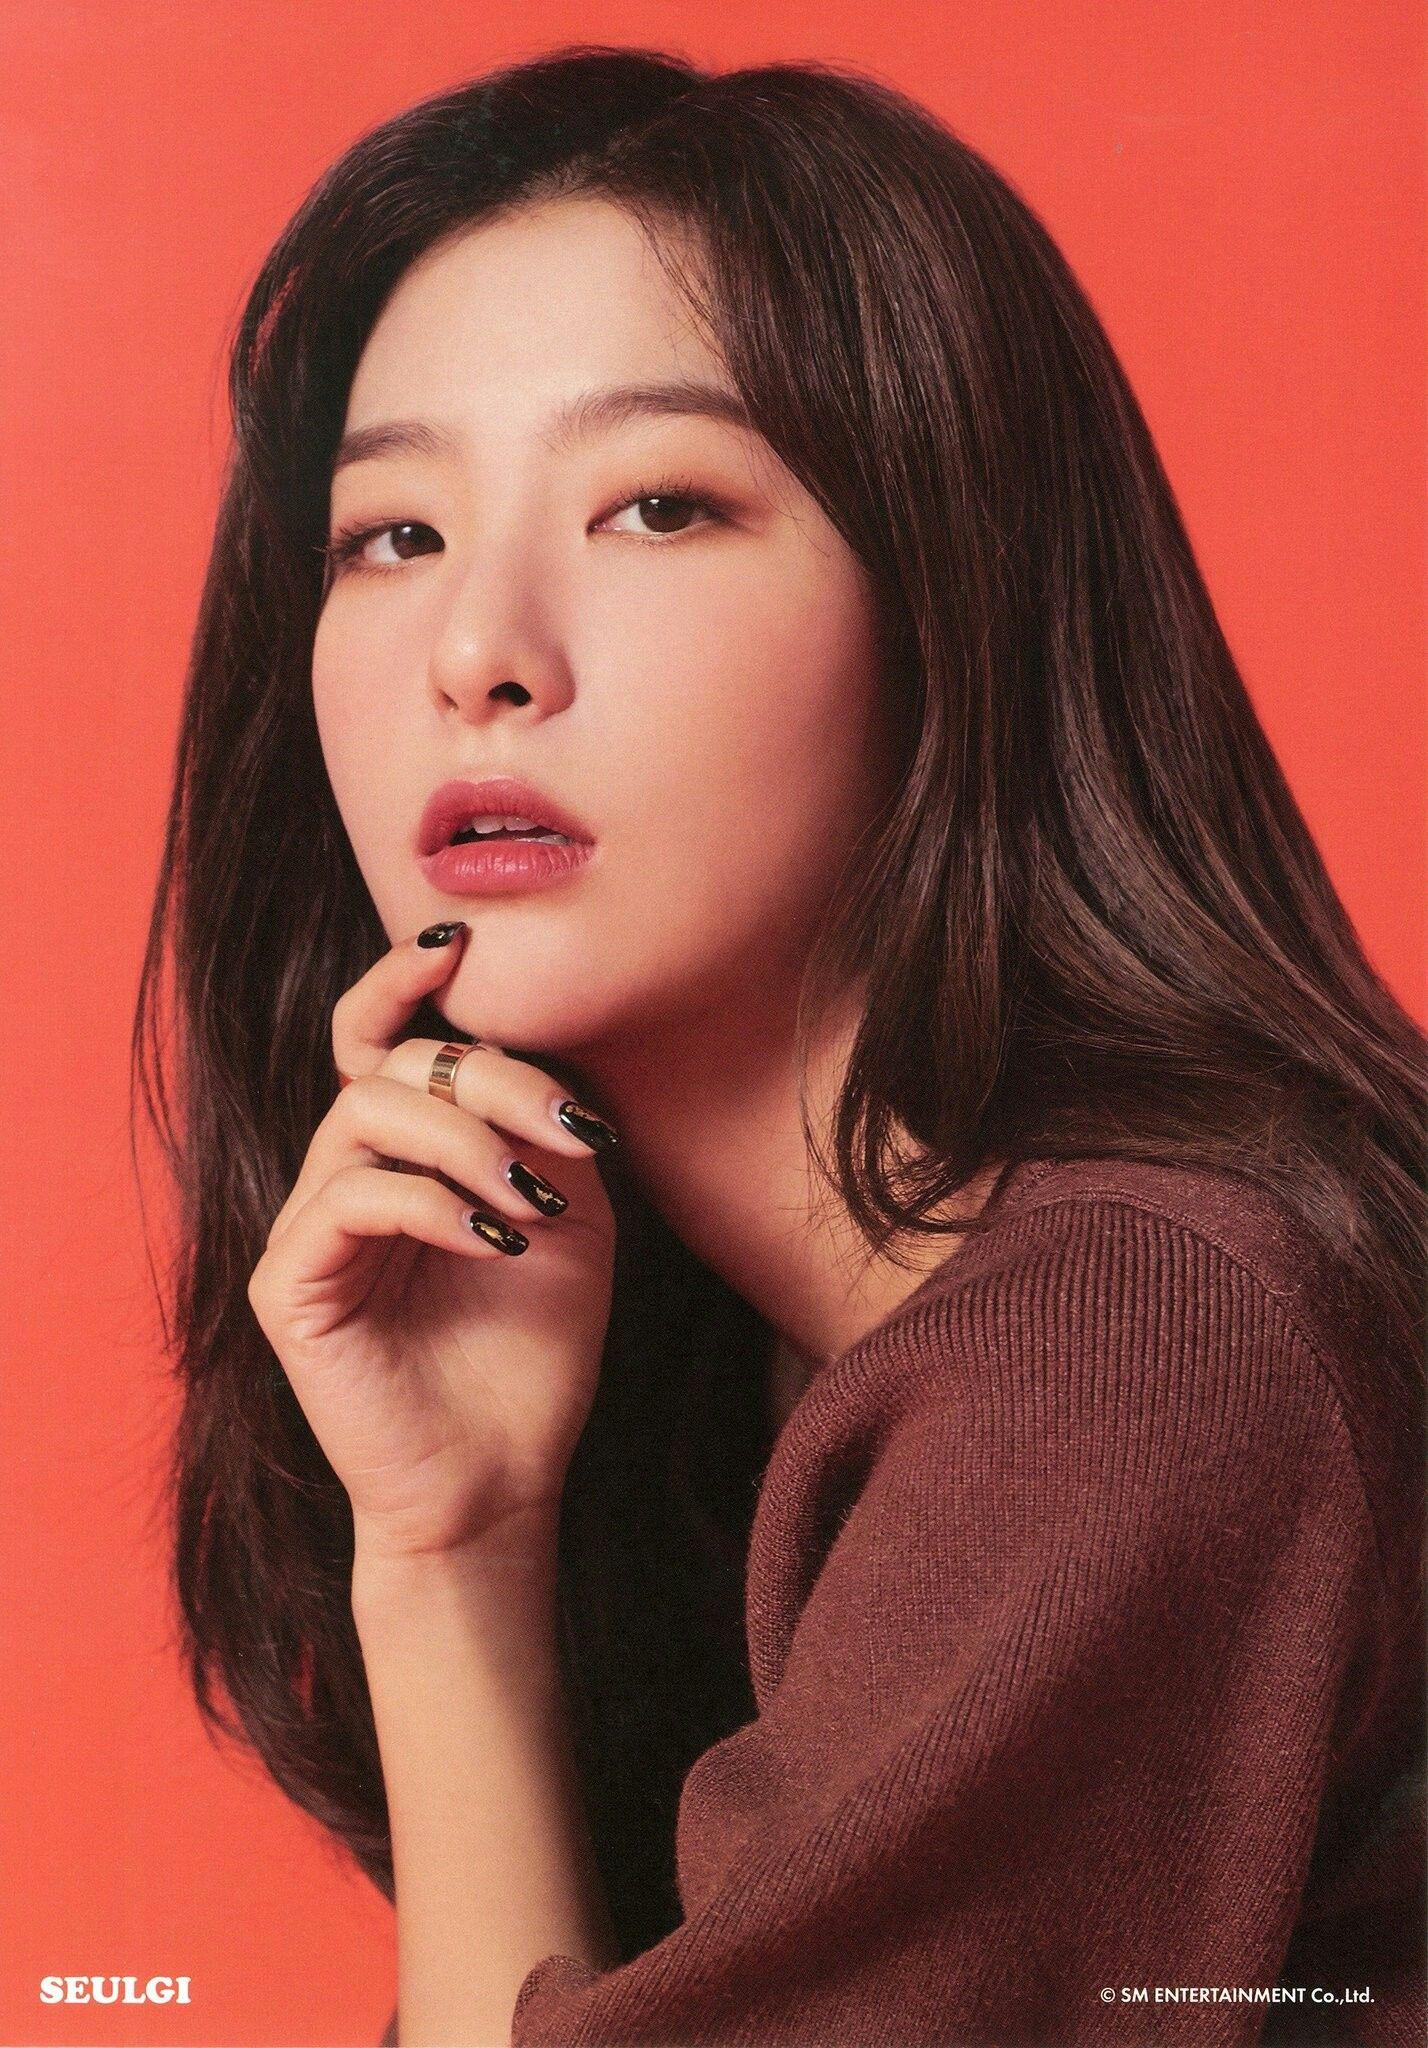 Fan cuồng đã gọi điện quấy rối Seulgi (Red Velvet) khi đang livestream